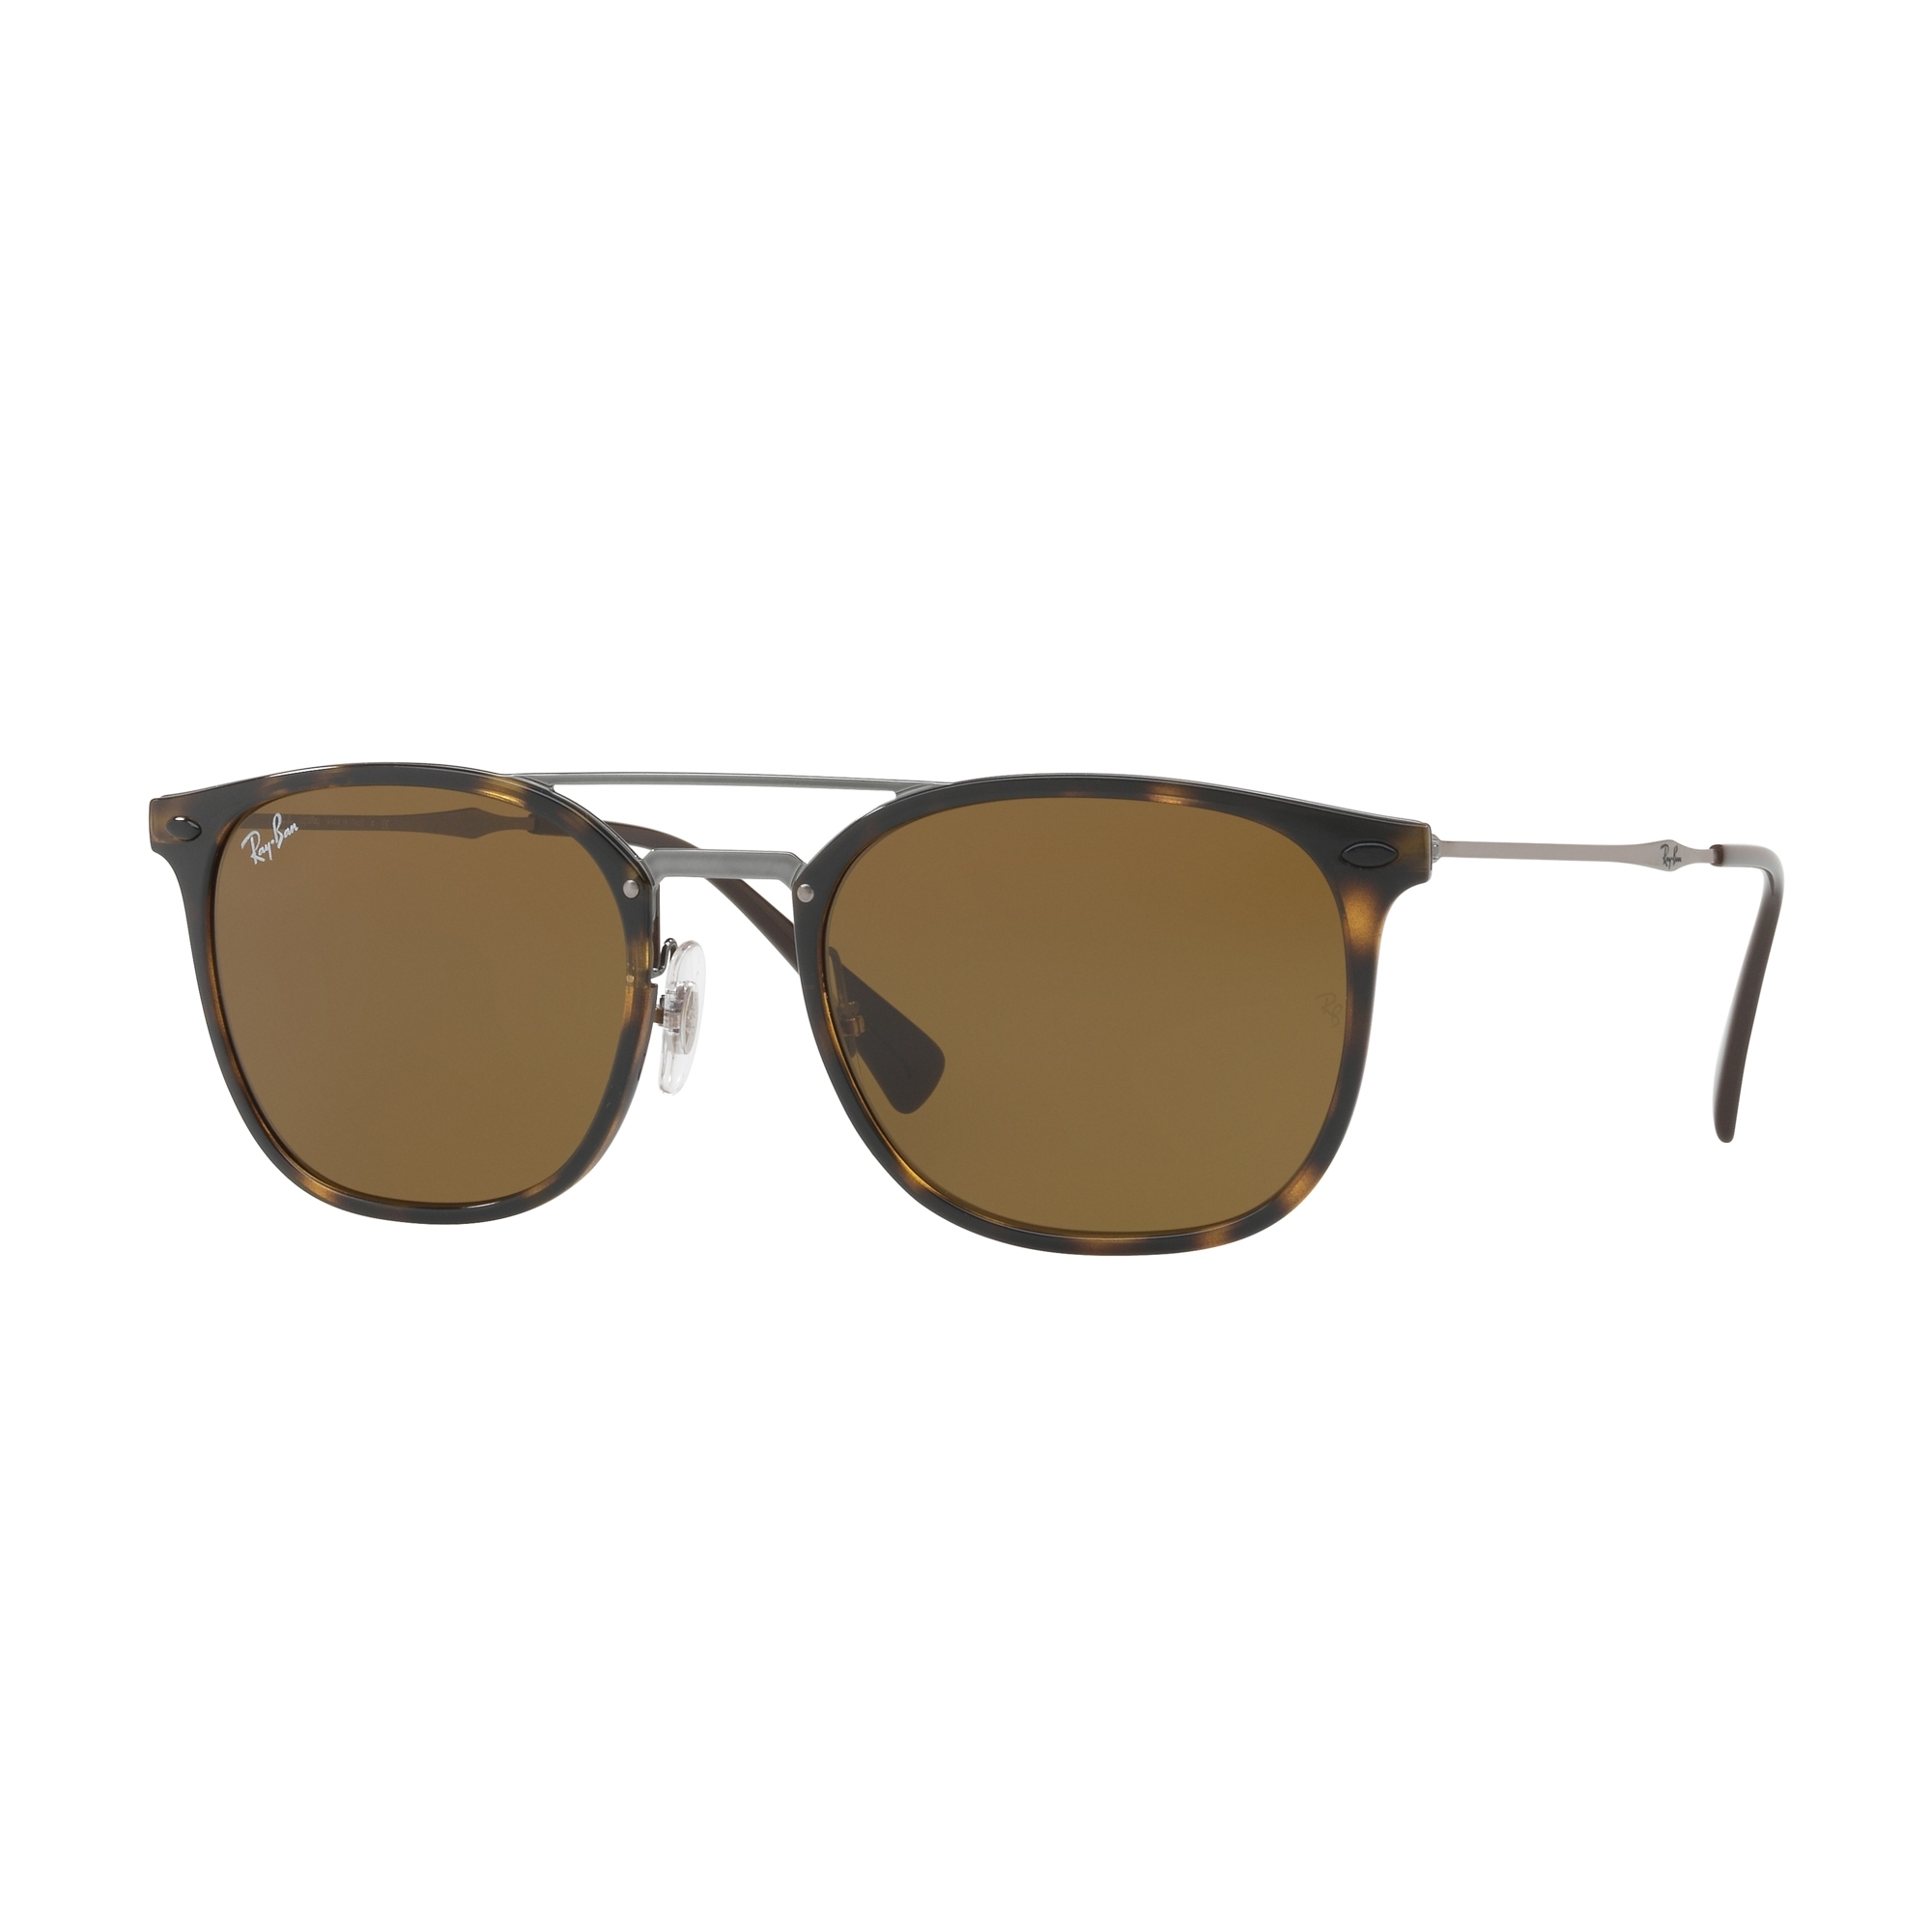 Lunettes de soleil Homme Ray-Ban Sunglasses RB4286-710 73-55   FR   Watch  Shop™ b8659e6b5751